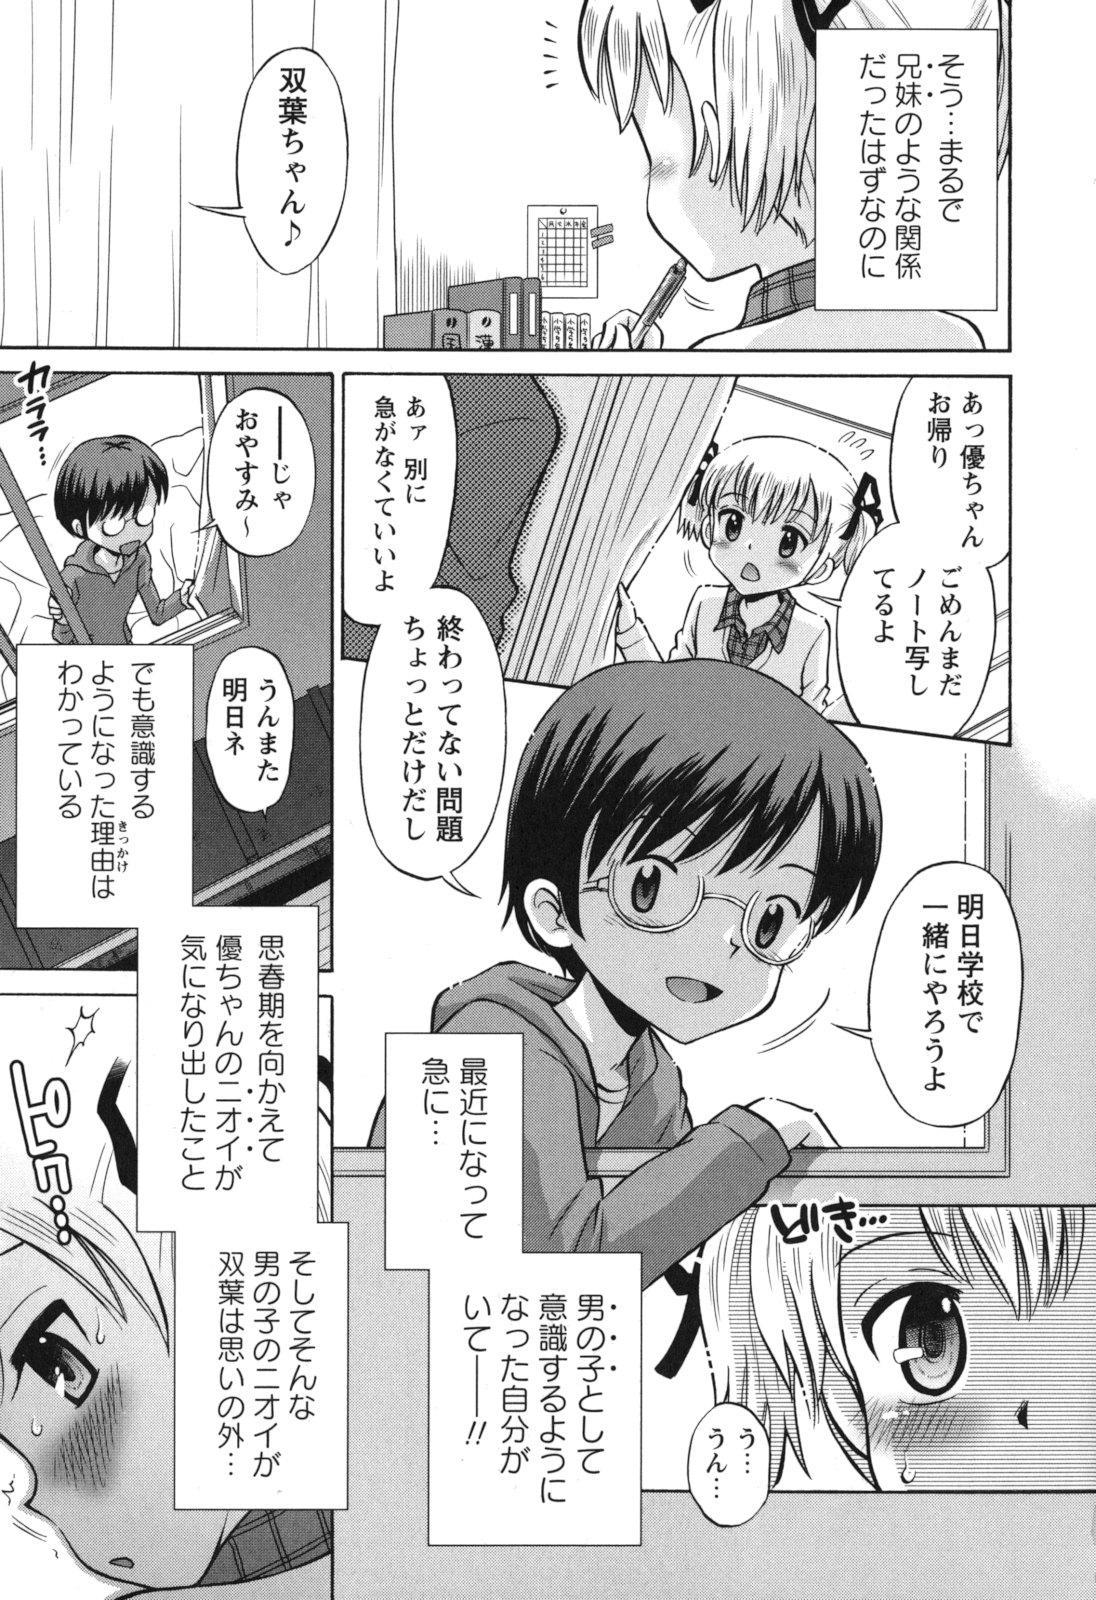 SOS! Sukebe na Osananajimi ga Shinobikondekimashita. 7